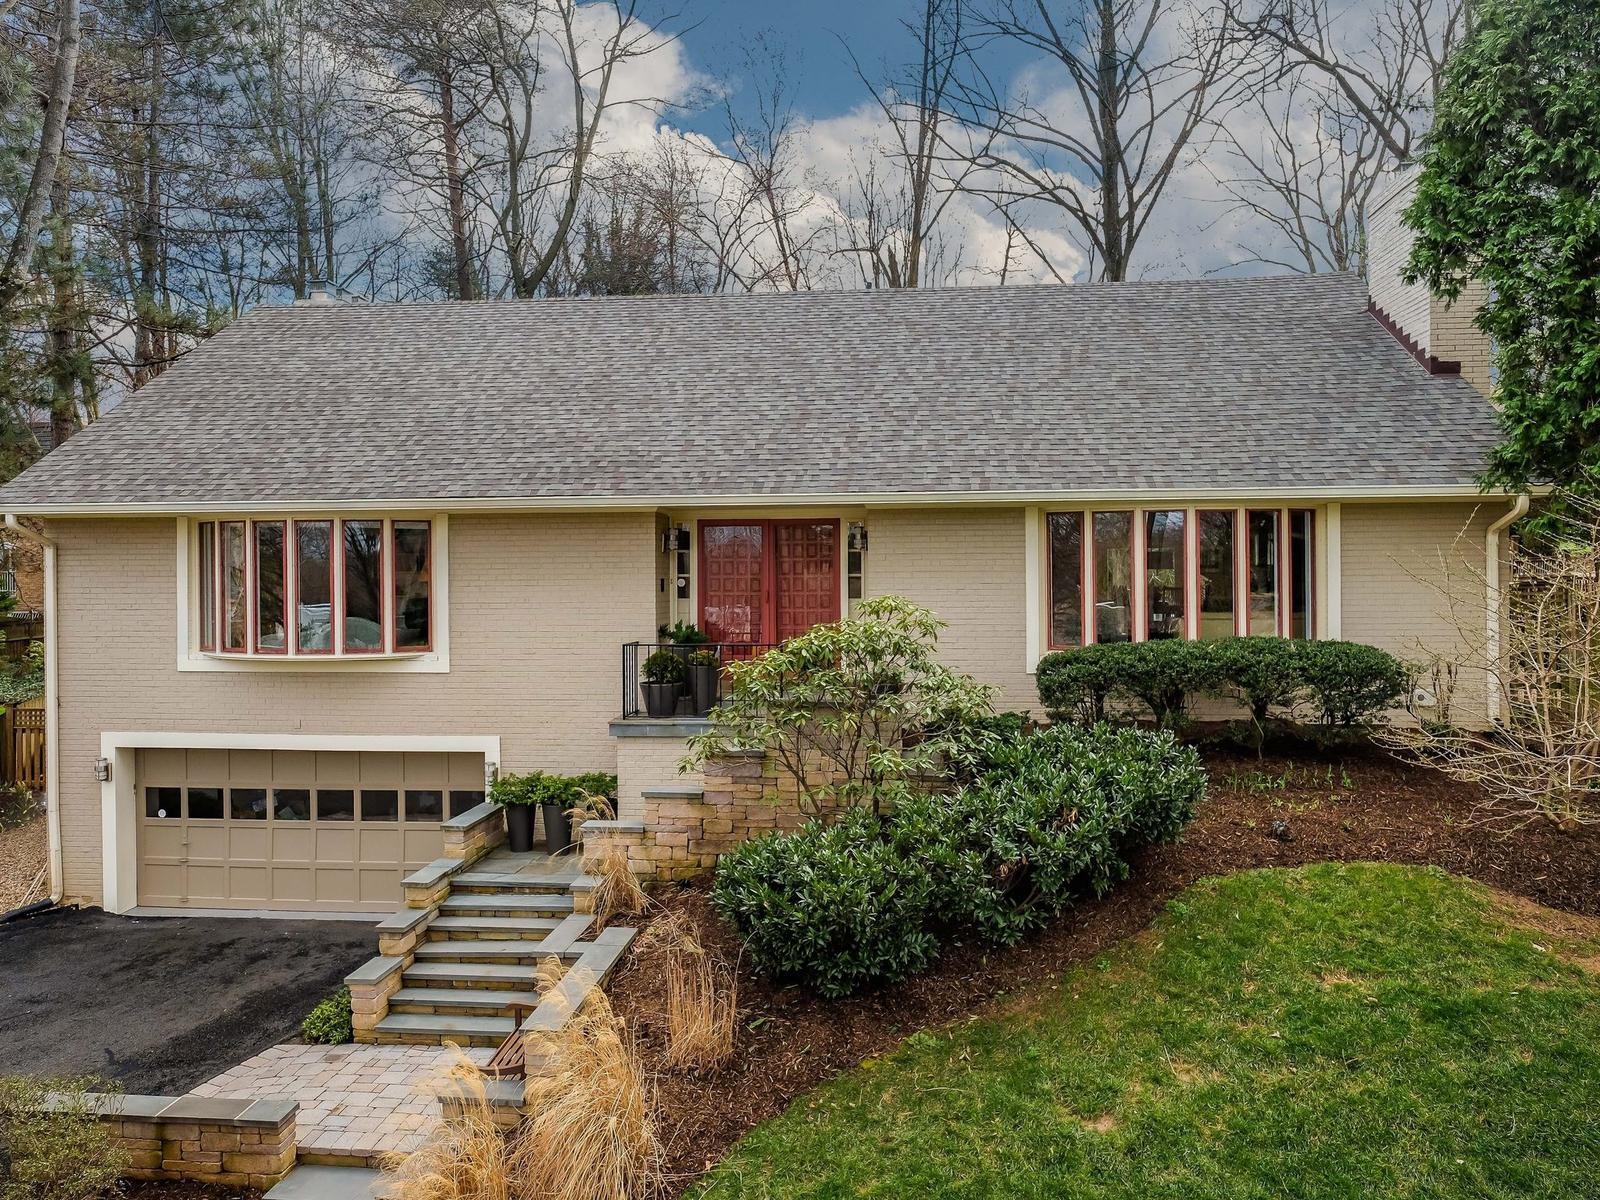 獨棟家庭住宅 為 出售 在 Chain Bridge Woods 1460 Highwood Dr McLean, 弗吉尼亞州, 22101 美國